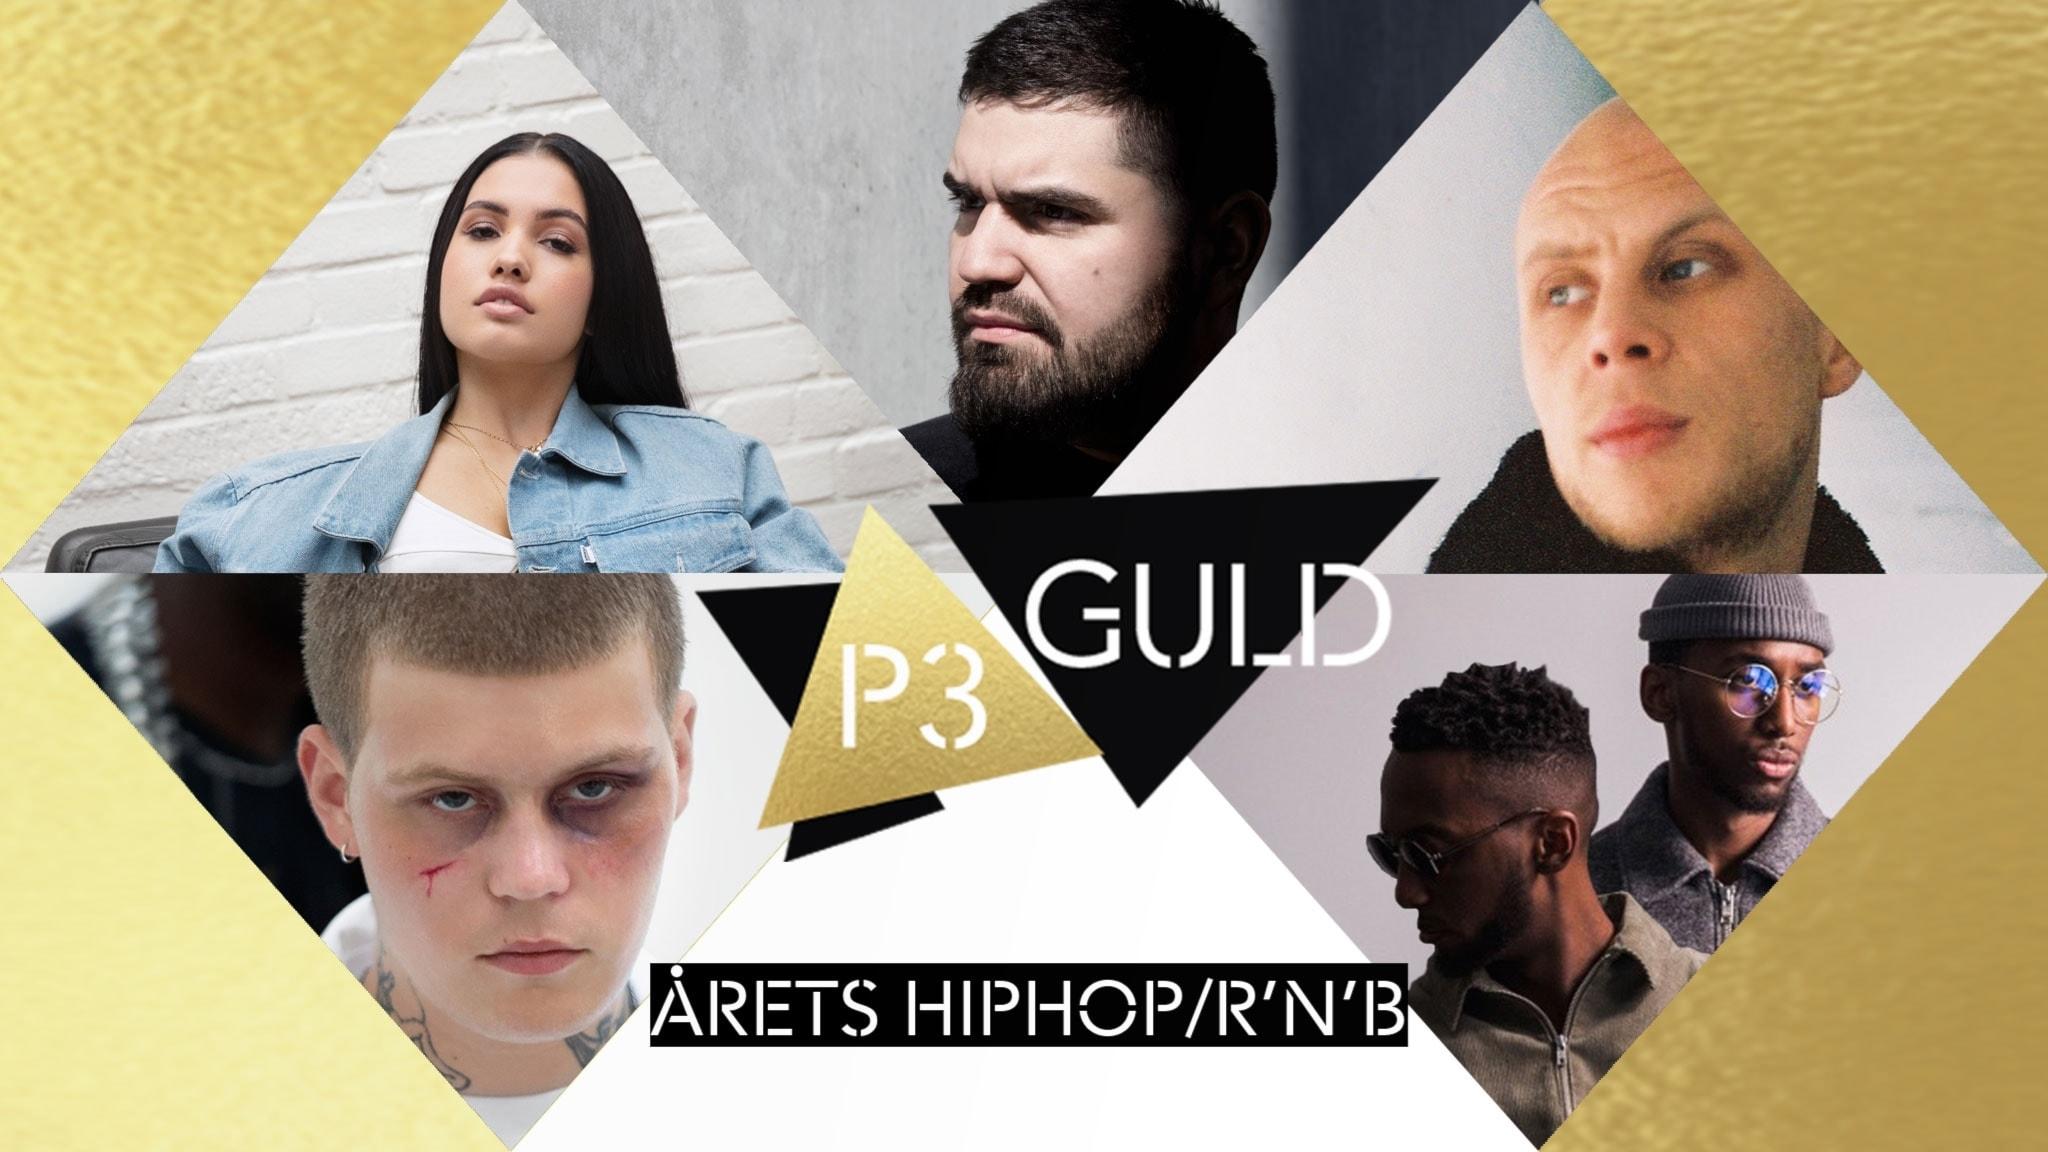 Hiphop/rnb- och dans-juryn motiverar sina P3 Guld-nomineringar